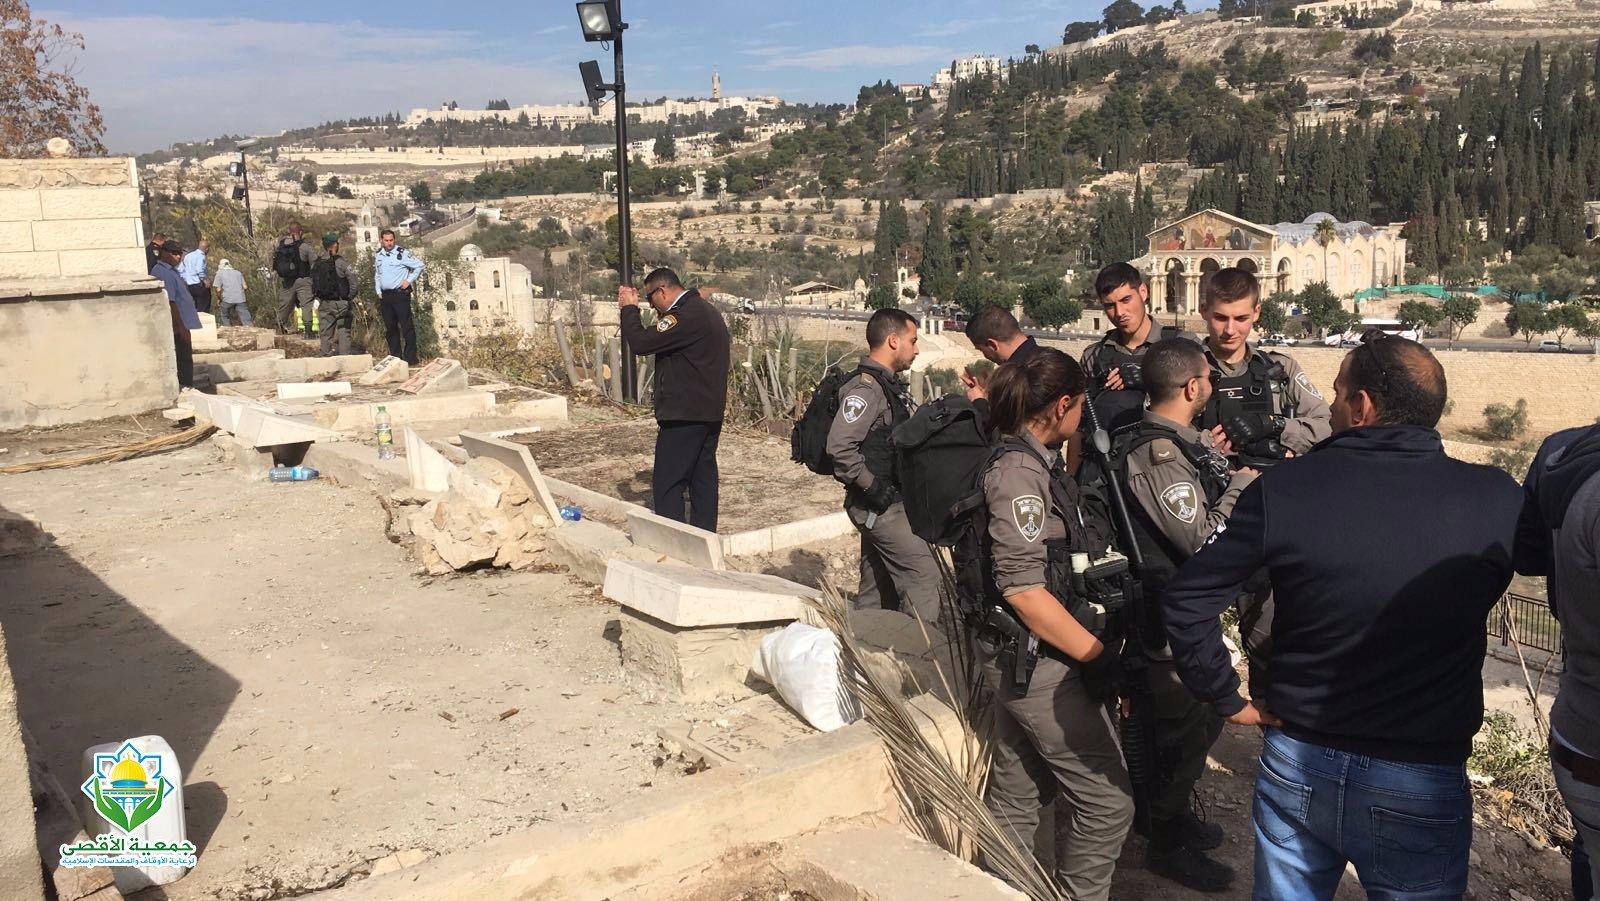 الشرطة الاسرائيلية تقتحم مقبرة باب الرحمة